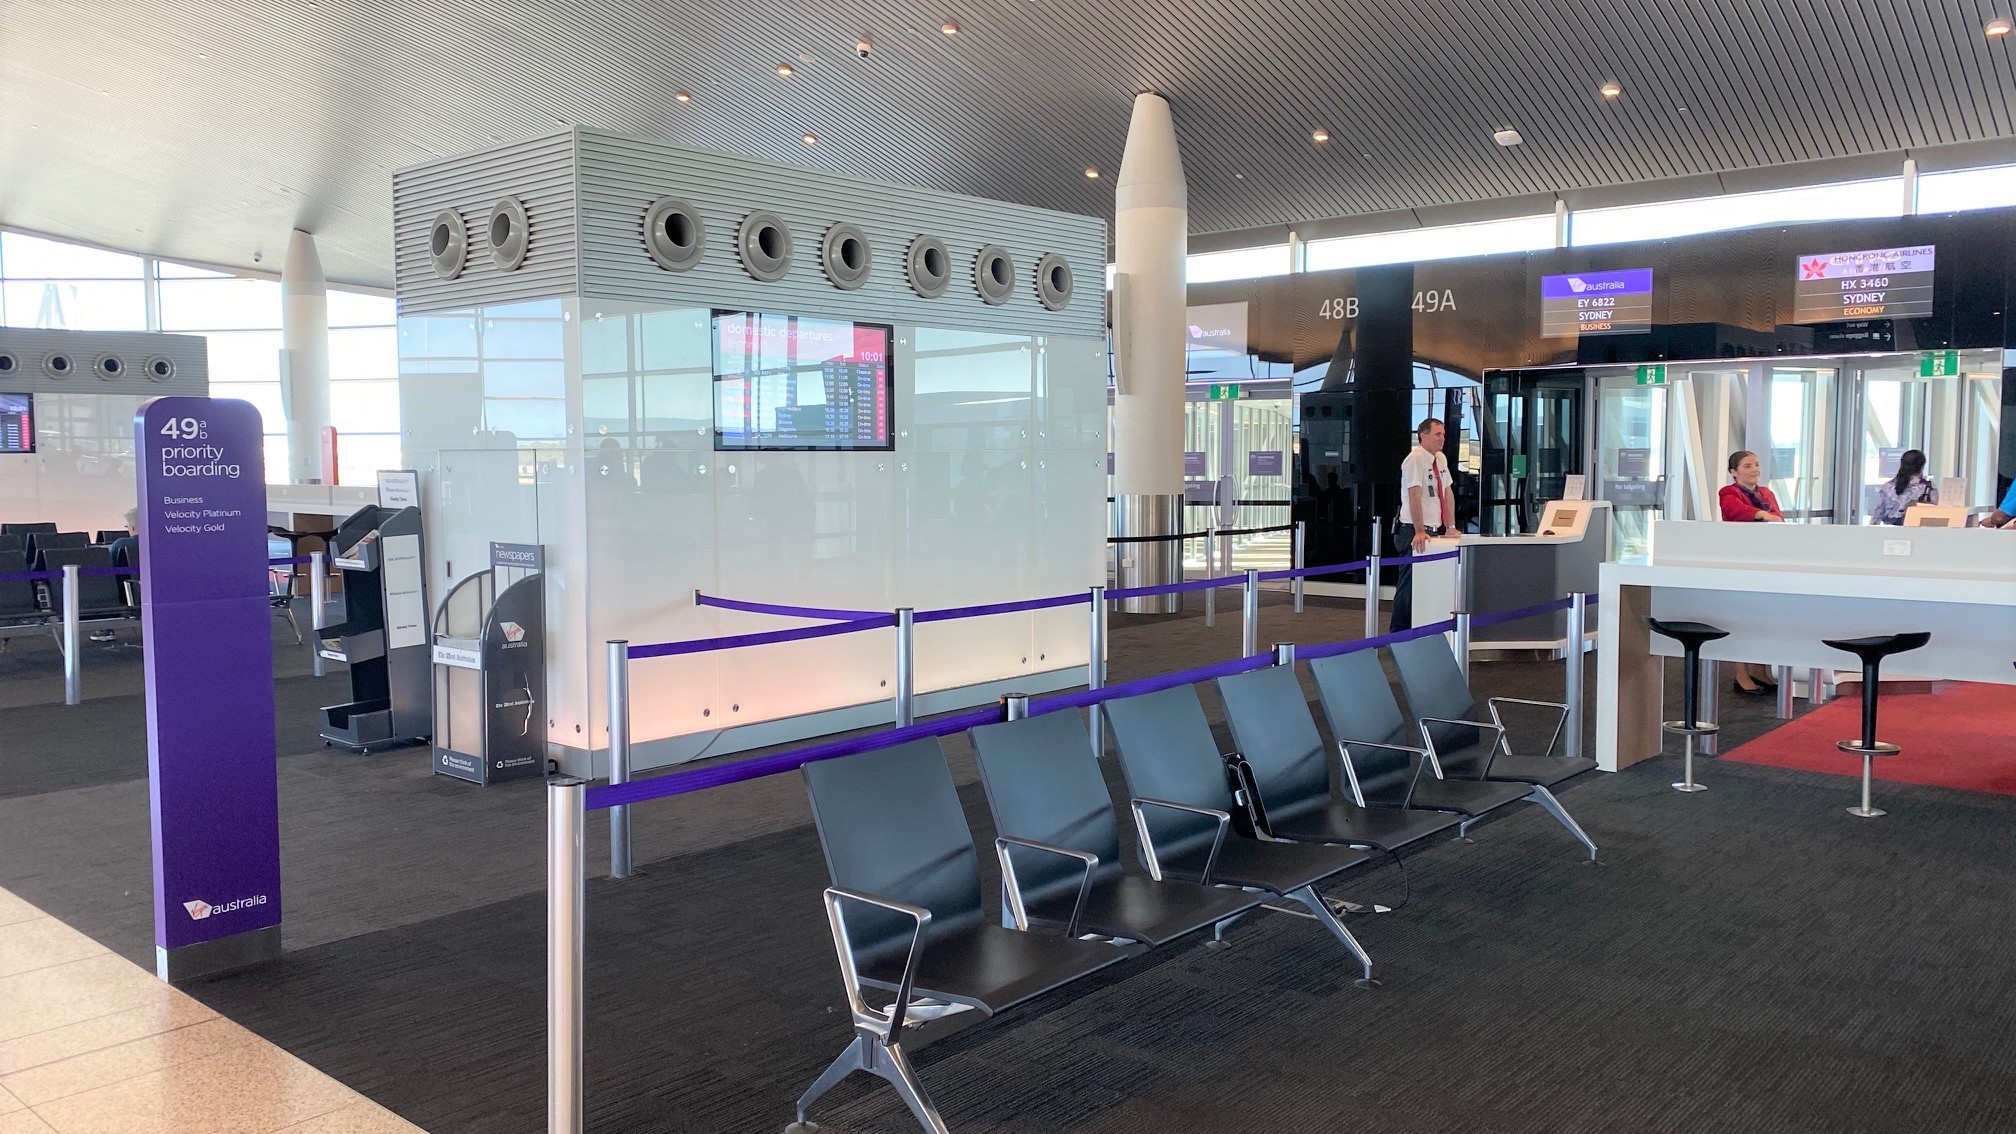 Gate 49, T1 - Perth Airport